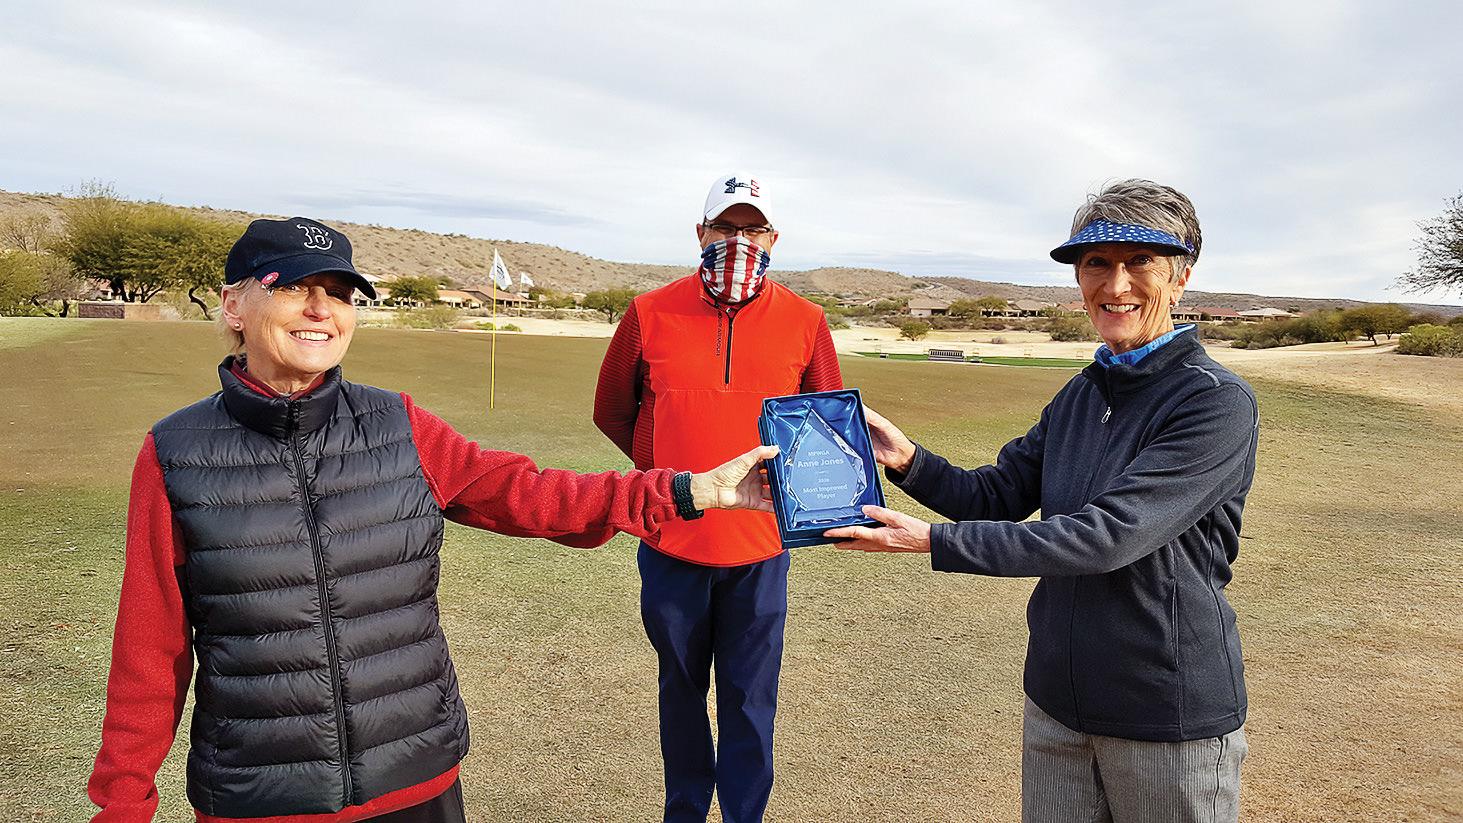 Debbie McMullin, Mike Karpe, and MIP recipient Anne Jones, smiling as bright as her crystal trophy. (Photo by Ann Van Sickel)